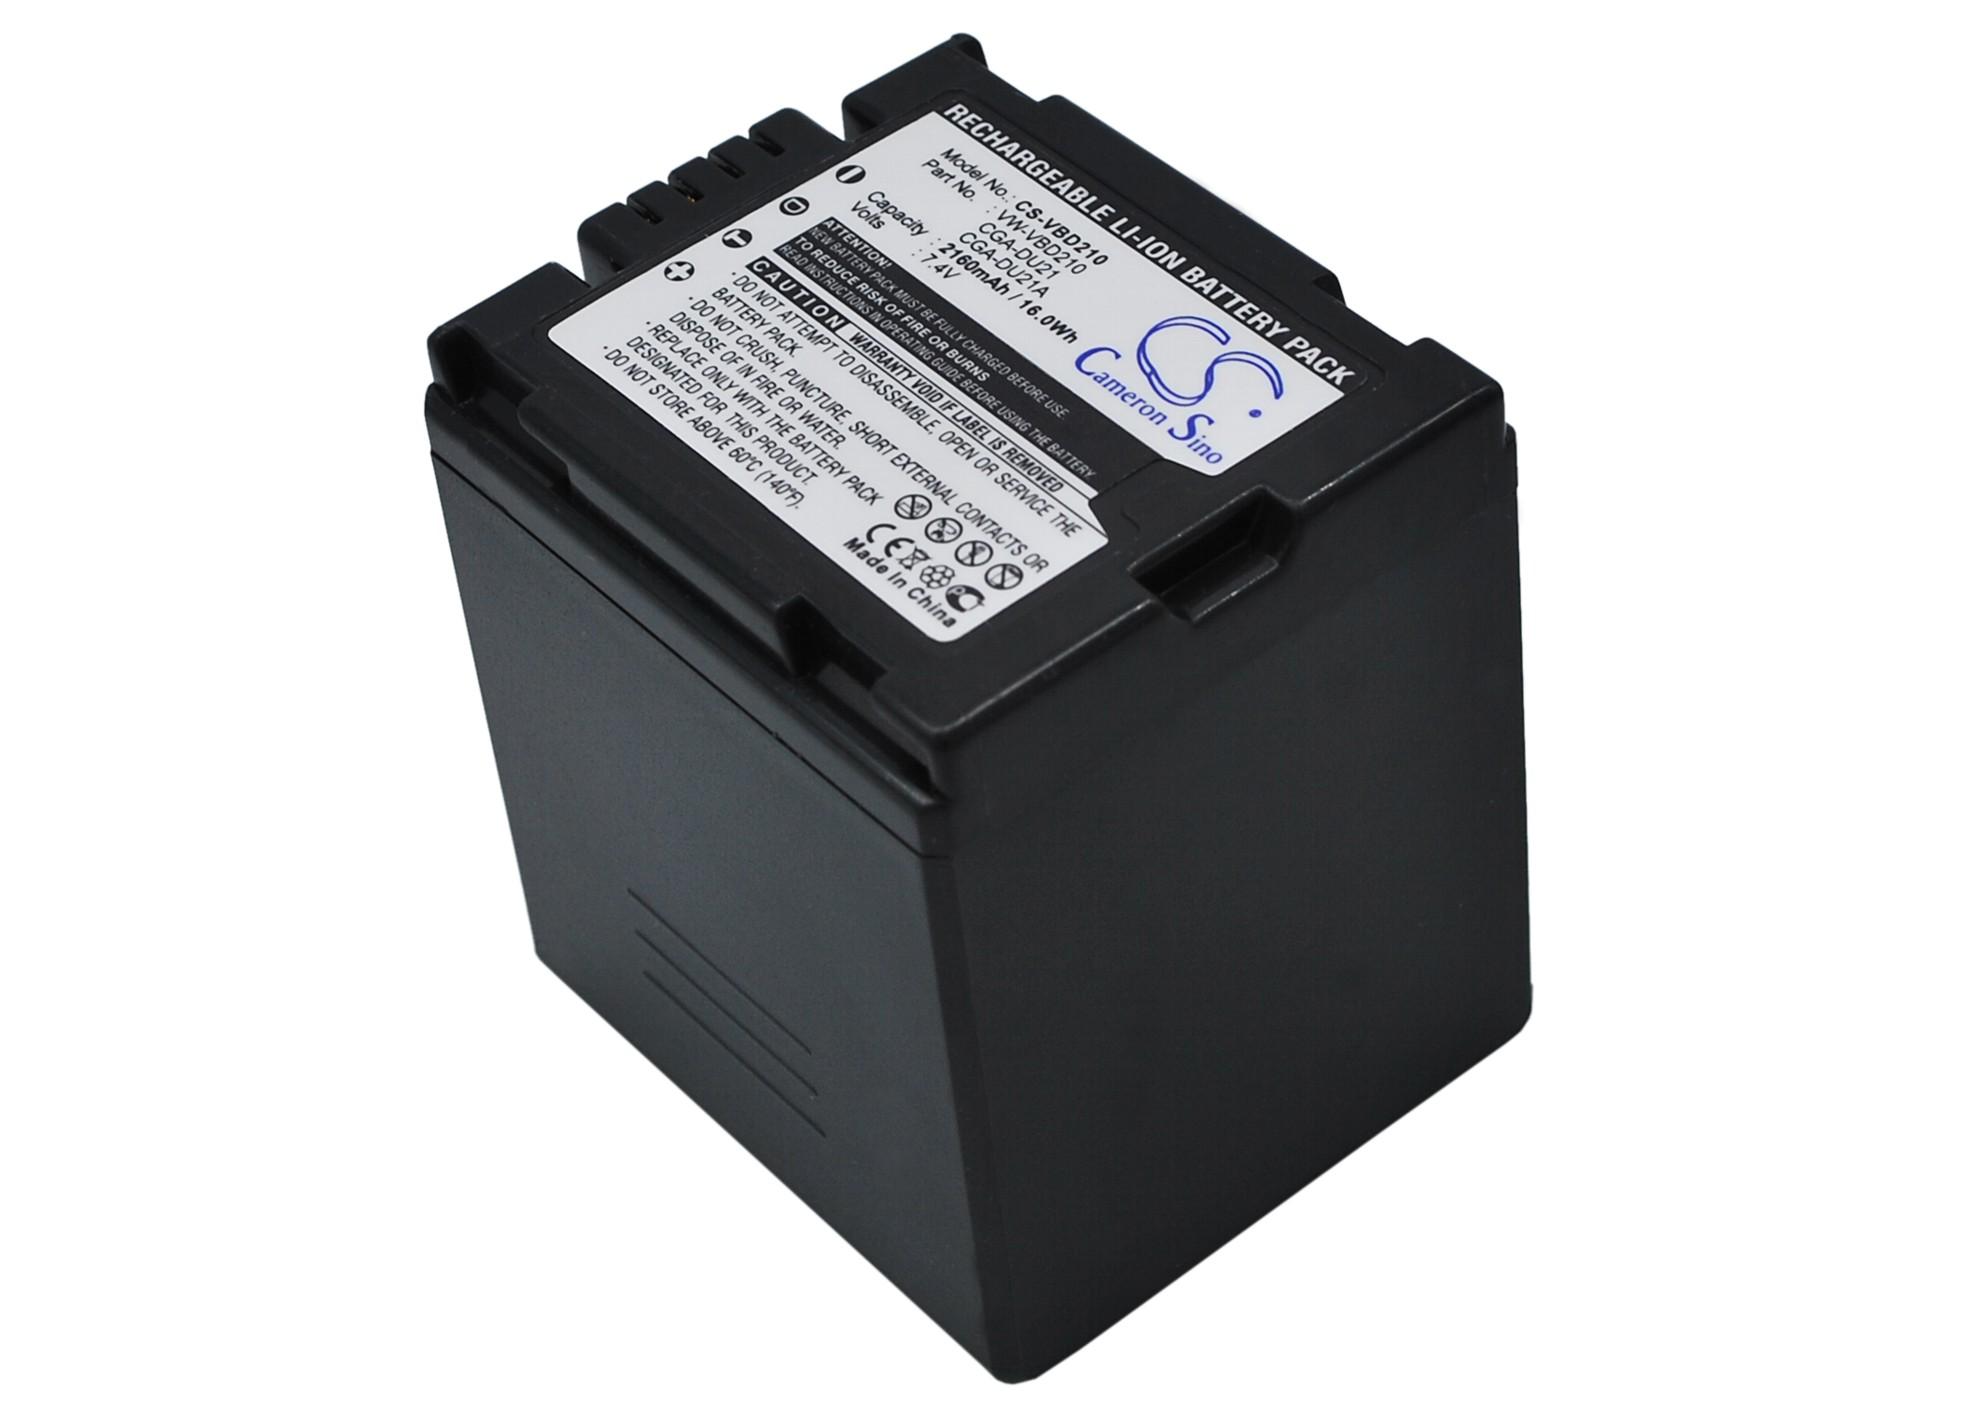 Cameron Sino baterie do kamer a fotoaparátů pro PANASONIC NV-GS500EB-S 7.4V Li-ion 2160mAh tmavě šedá - neoriginální